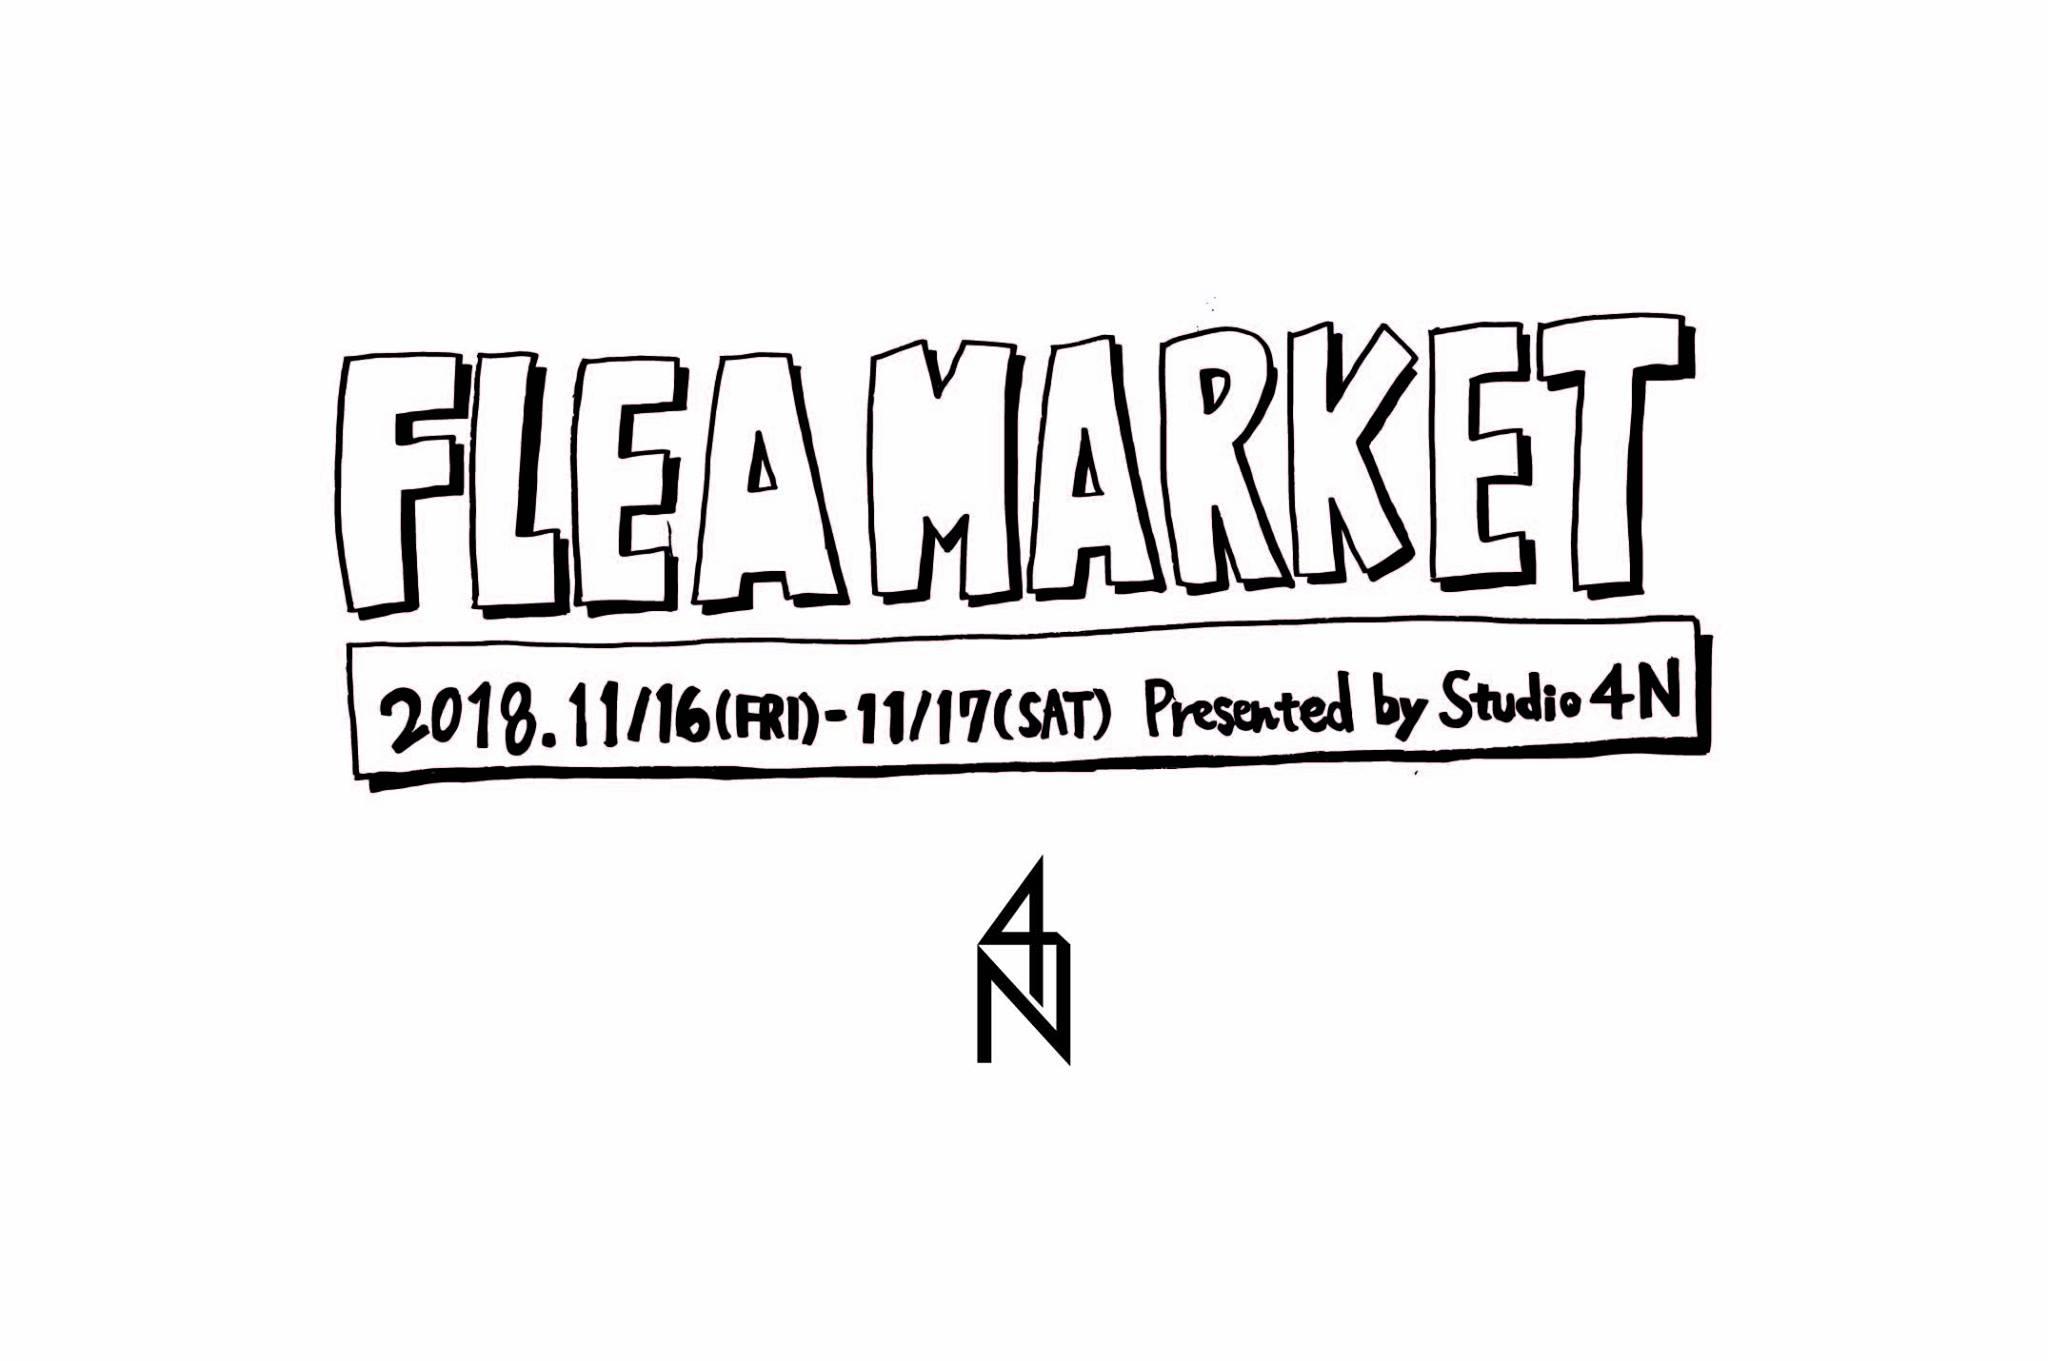 """東京 """"ファッション業界関係者によるフリーマーケット""""  Flea Market Presented by Studio 4N 開催  11月16,17日"""